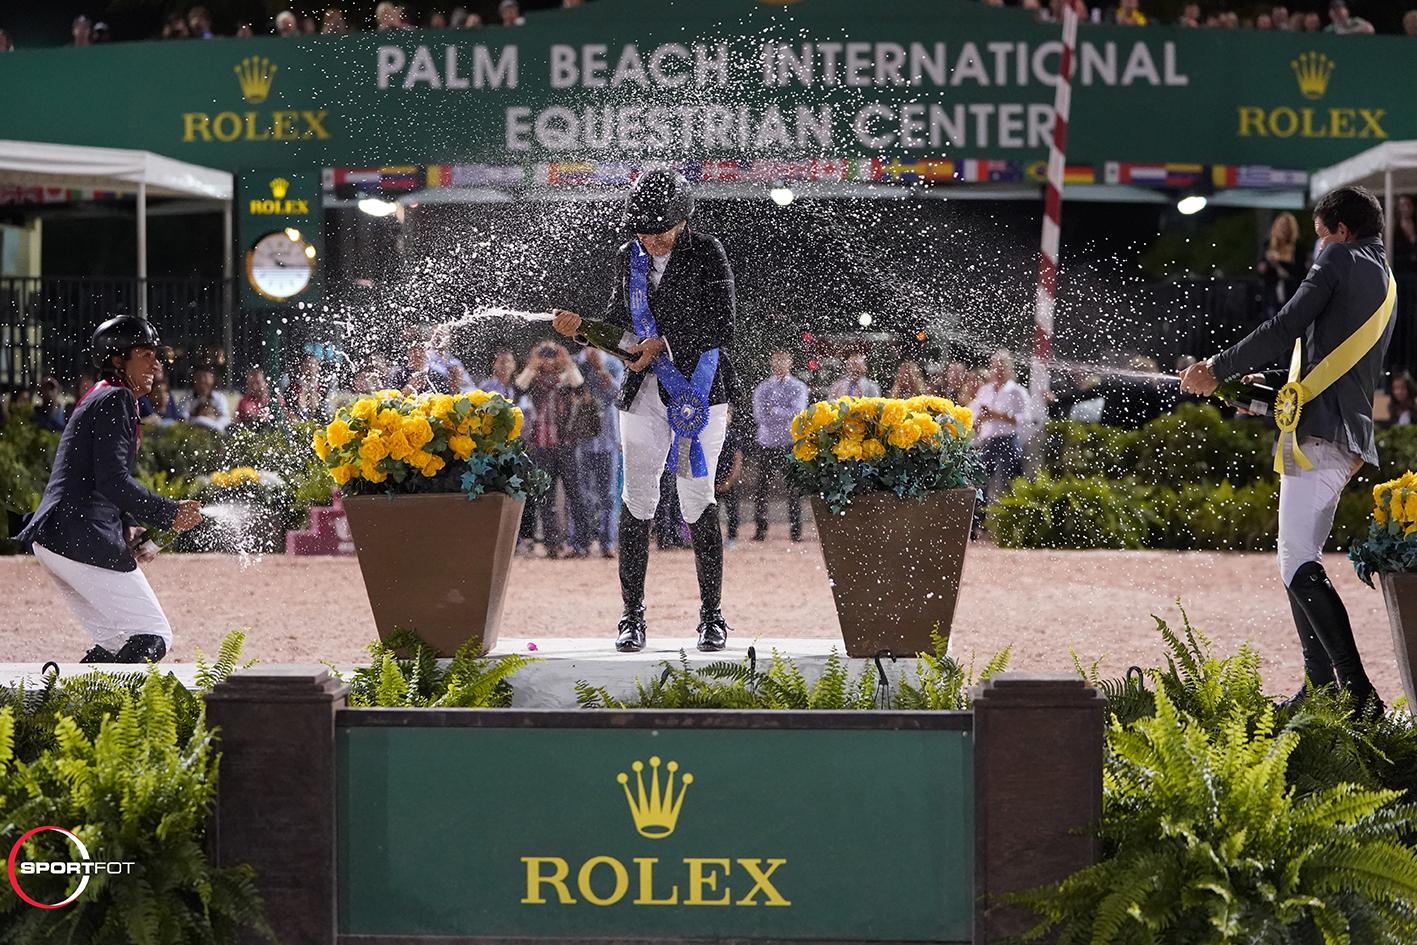 Rolex GP champagne spray Engle Azevedo Swail 33101542 Sportfot